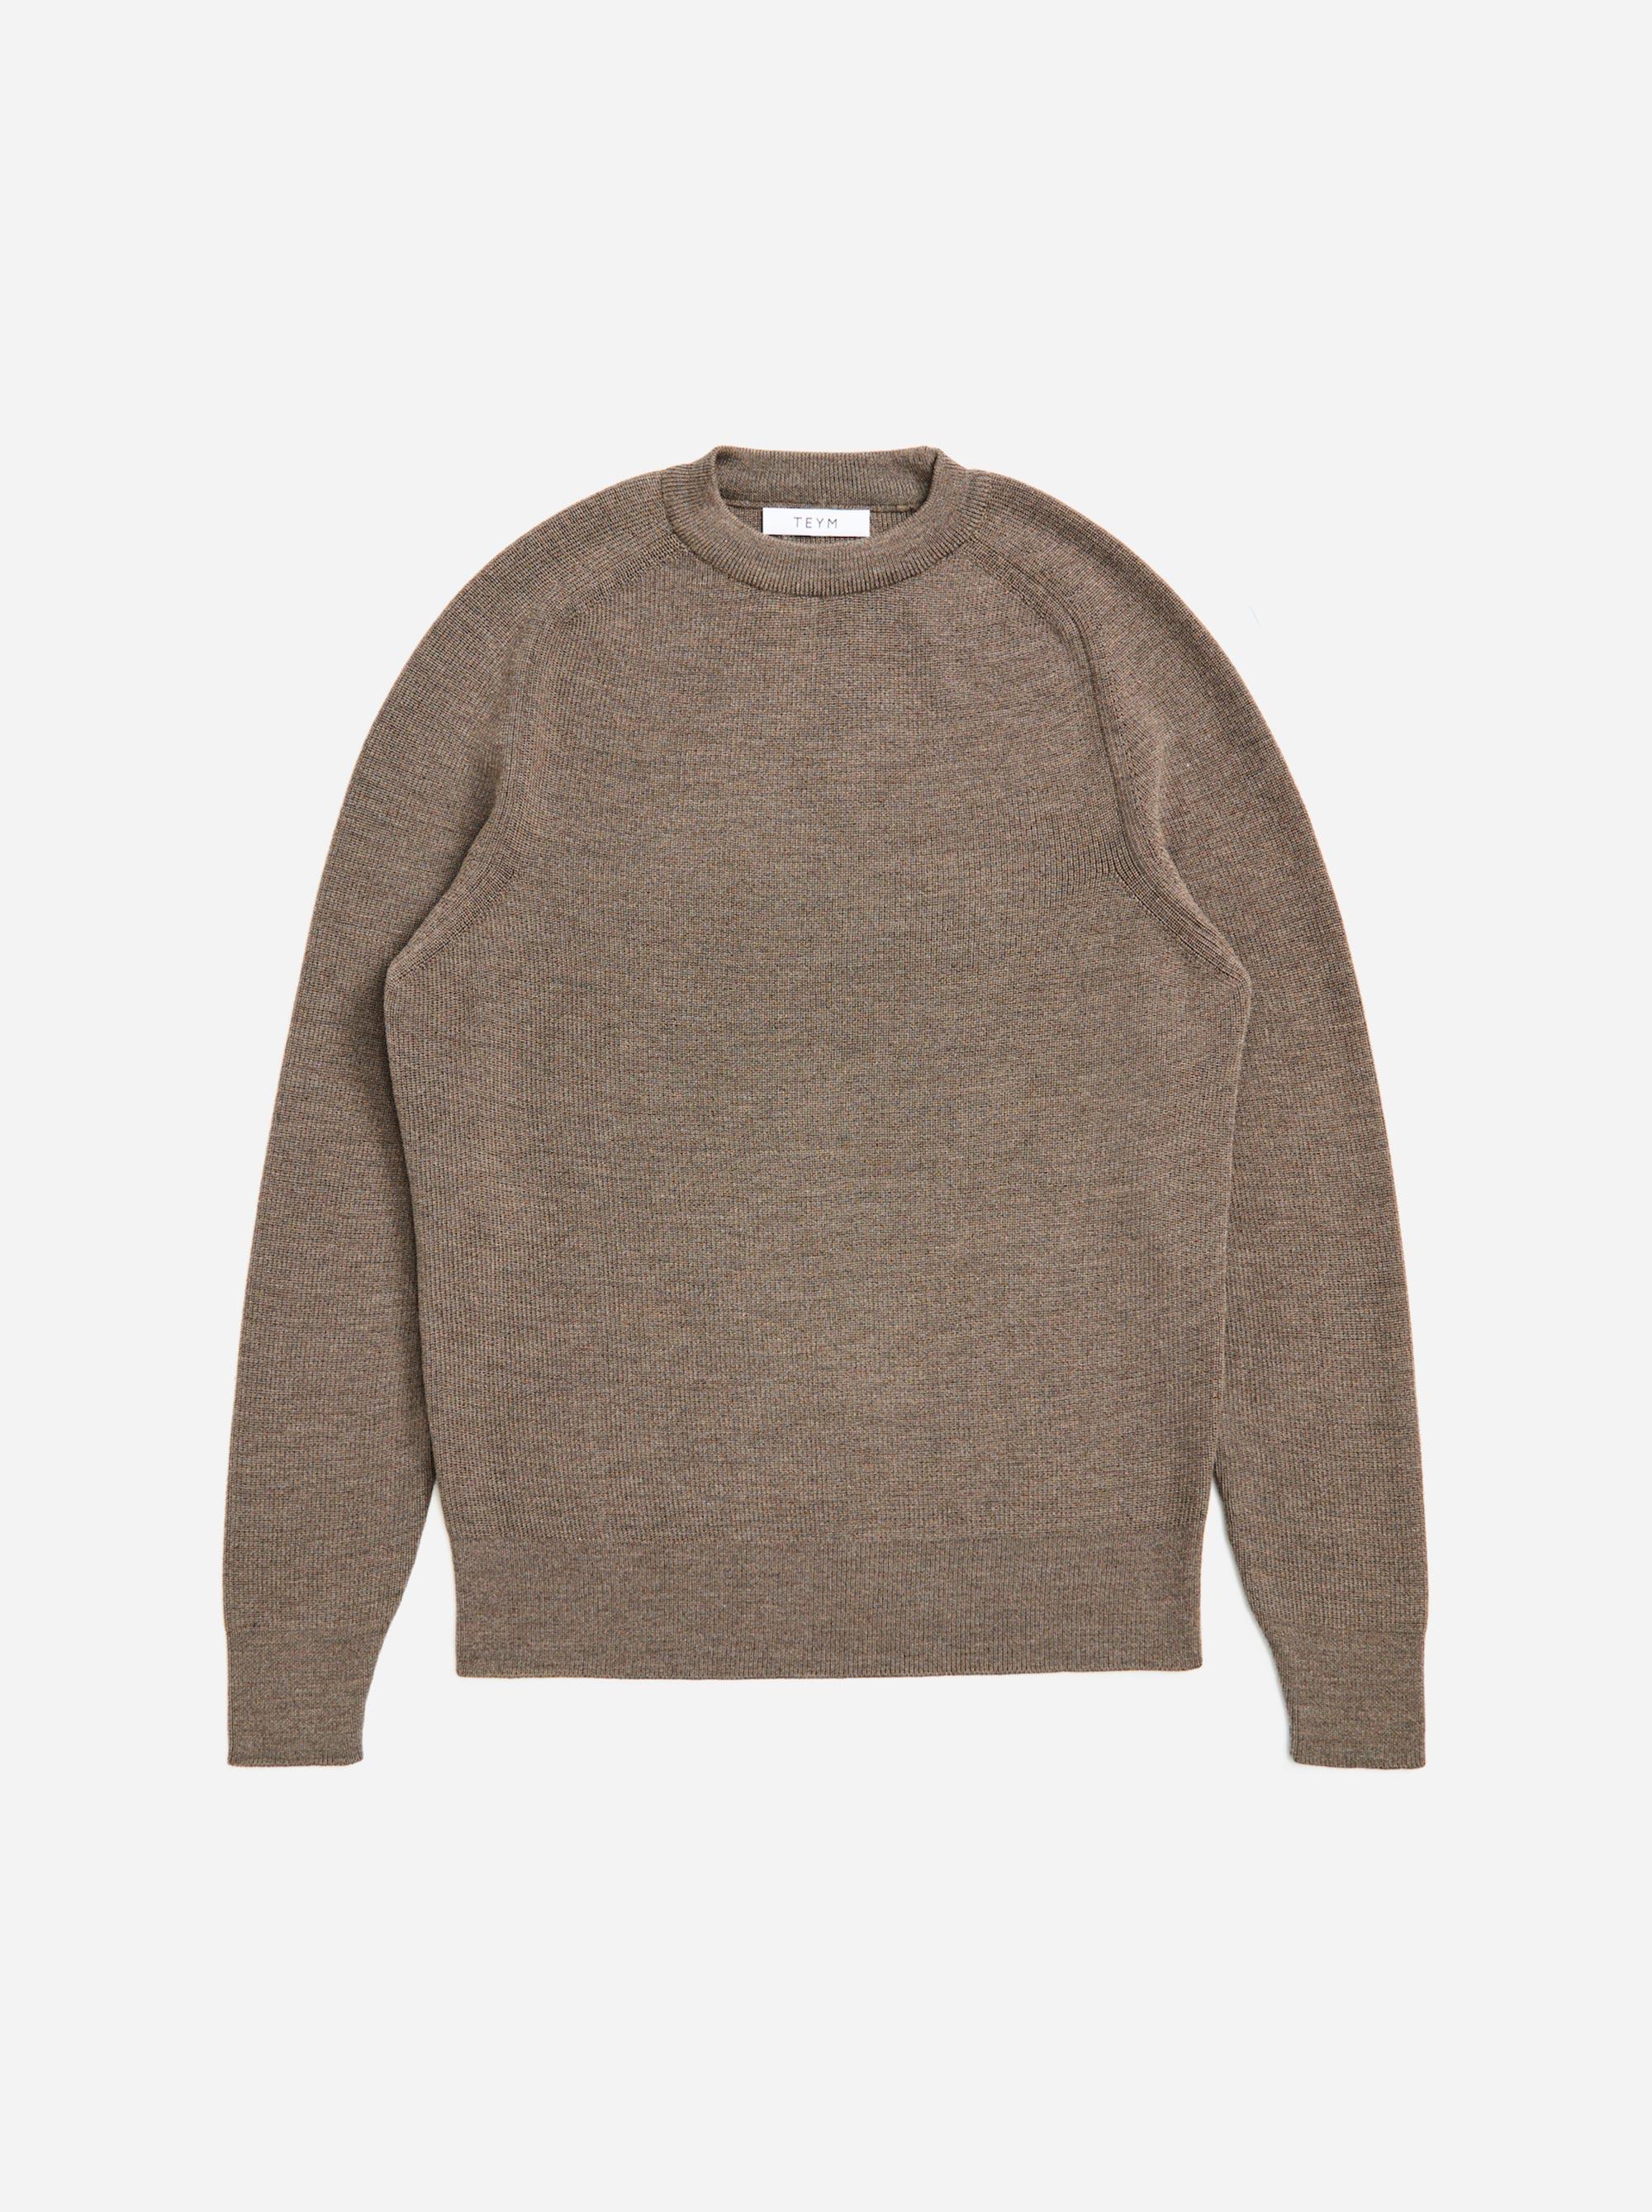 Teym - The Merino Sweater - Men - Grey - 4